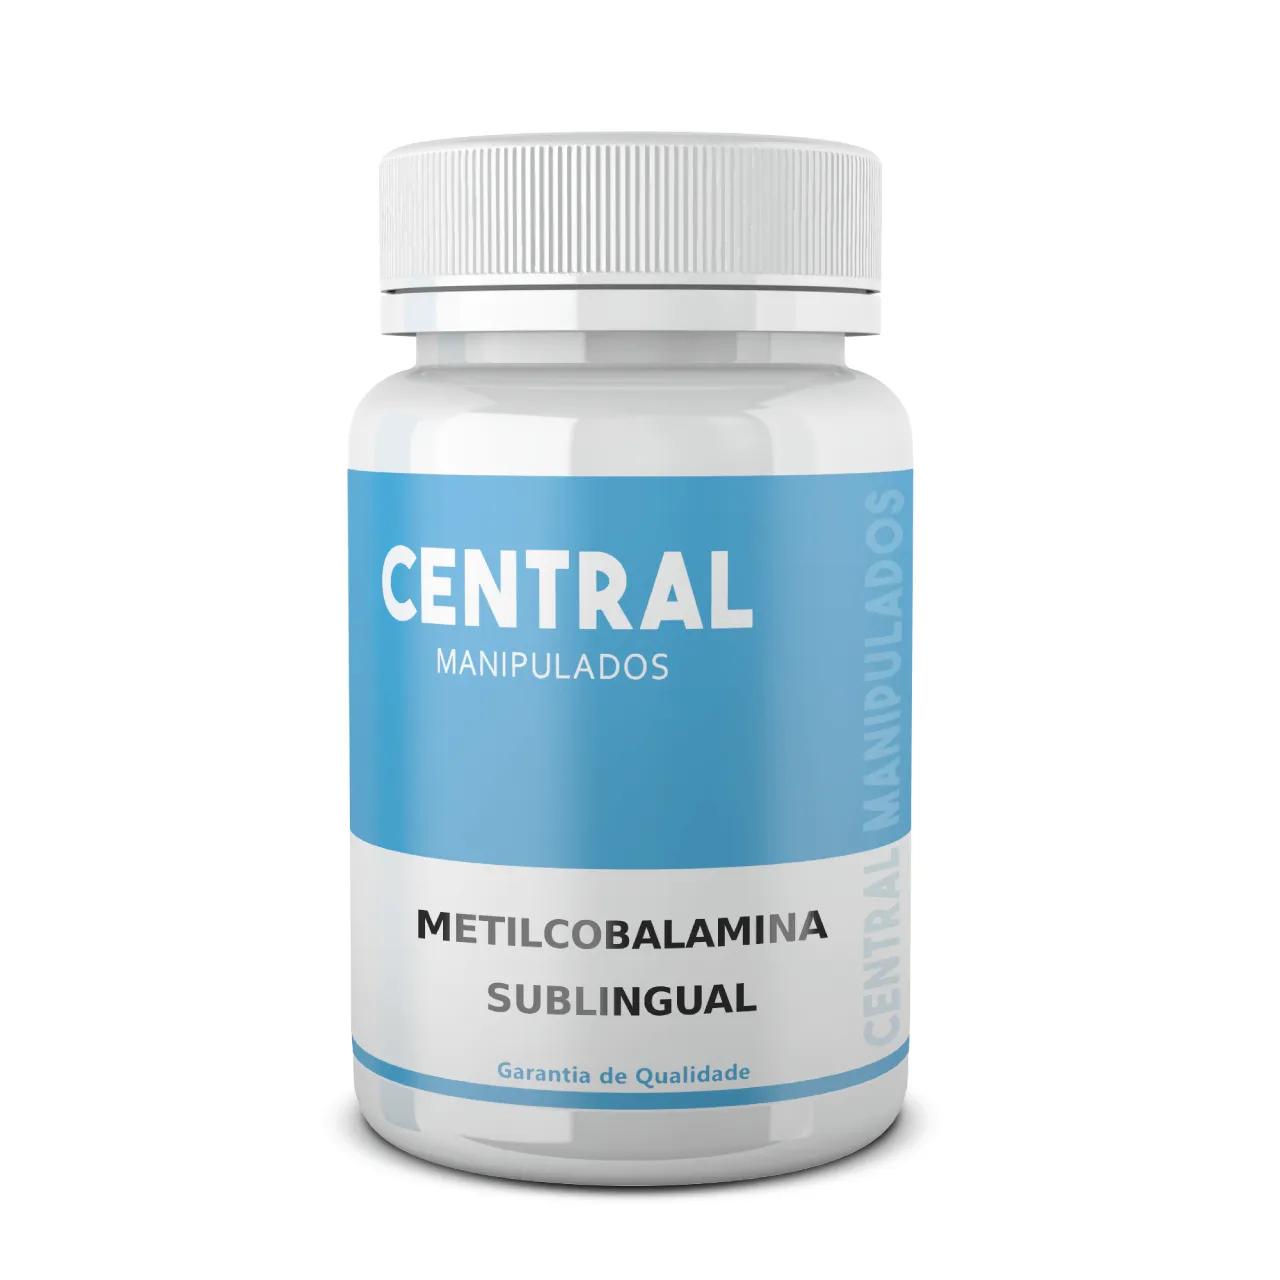 Metilcobalamina 5MG - 30 cápsulas - Vitamina B12 - Sublingual (Tapiocaps)